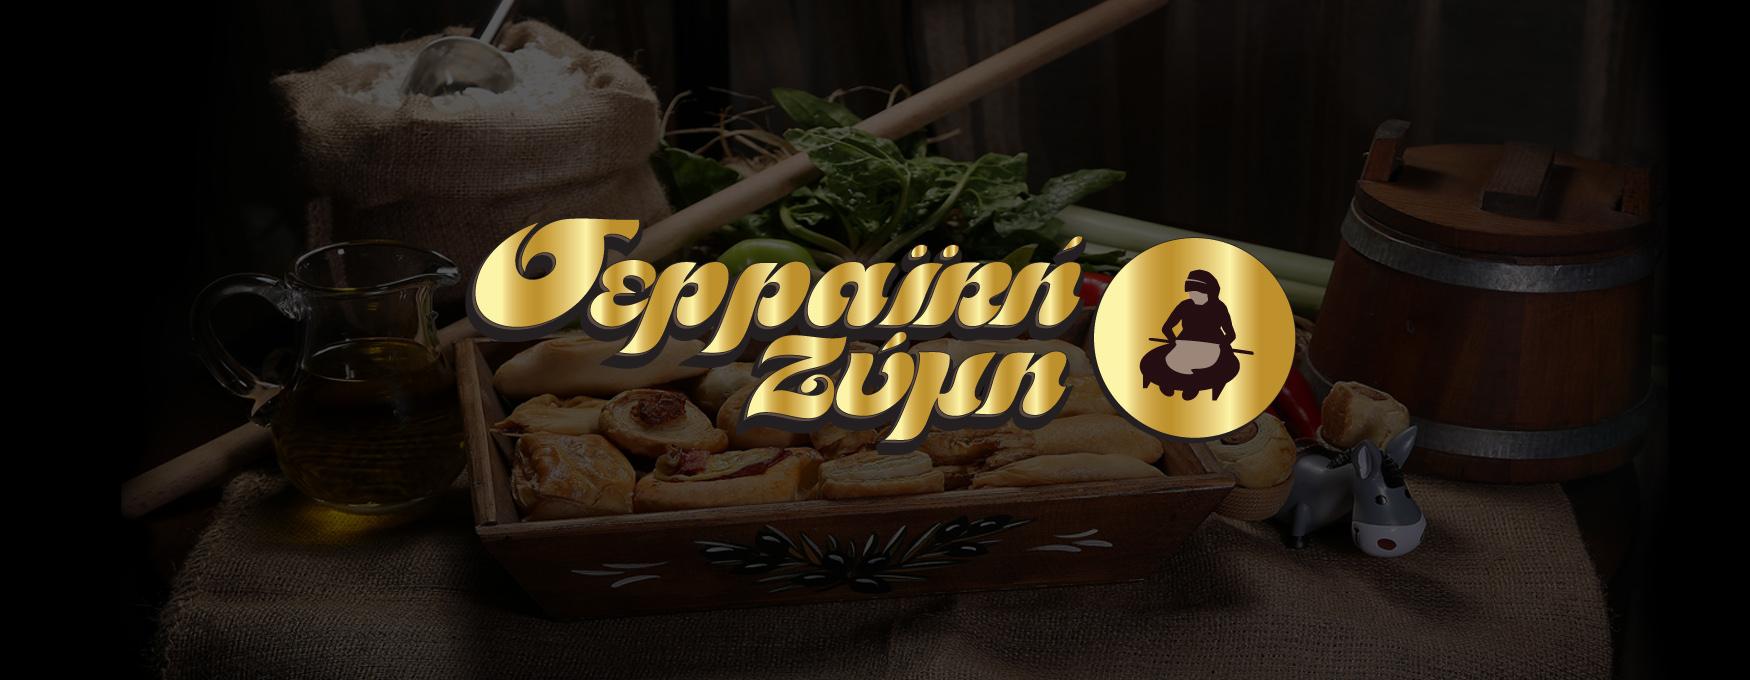 seraiki_zimi_logo